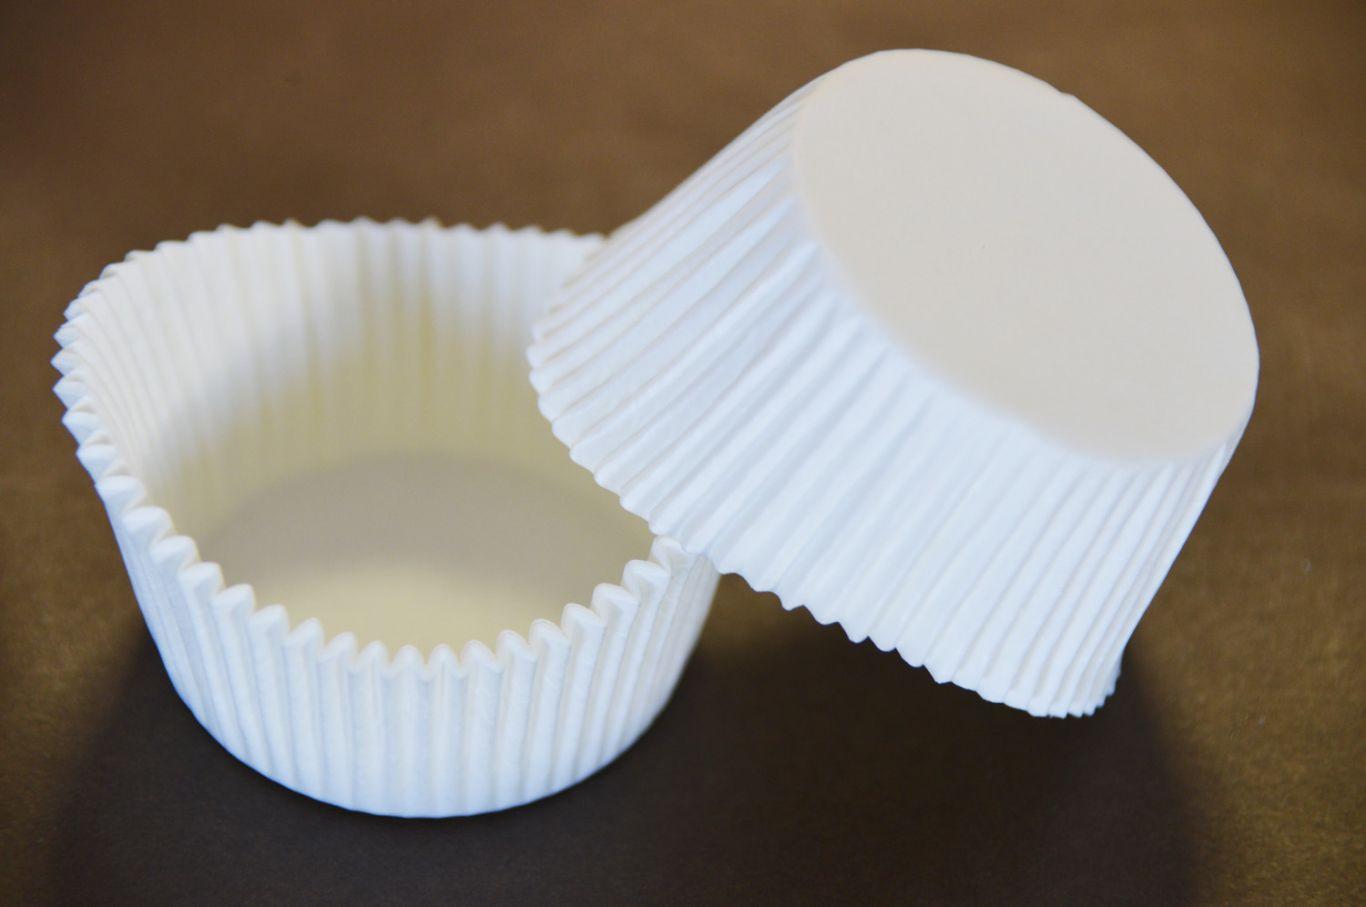 Forma din hartie muffin ALB 55gr. art.8 55x110 mm h 27,5mm  2000 buc 1BC2001PR0800_BND